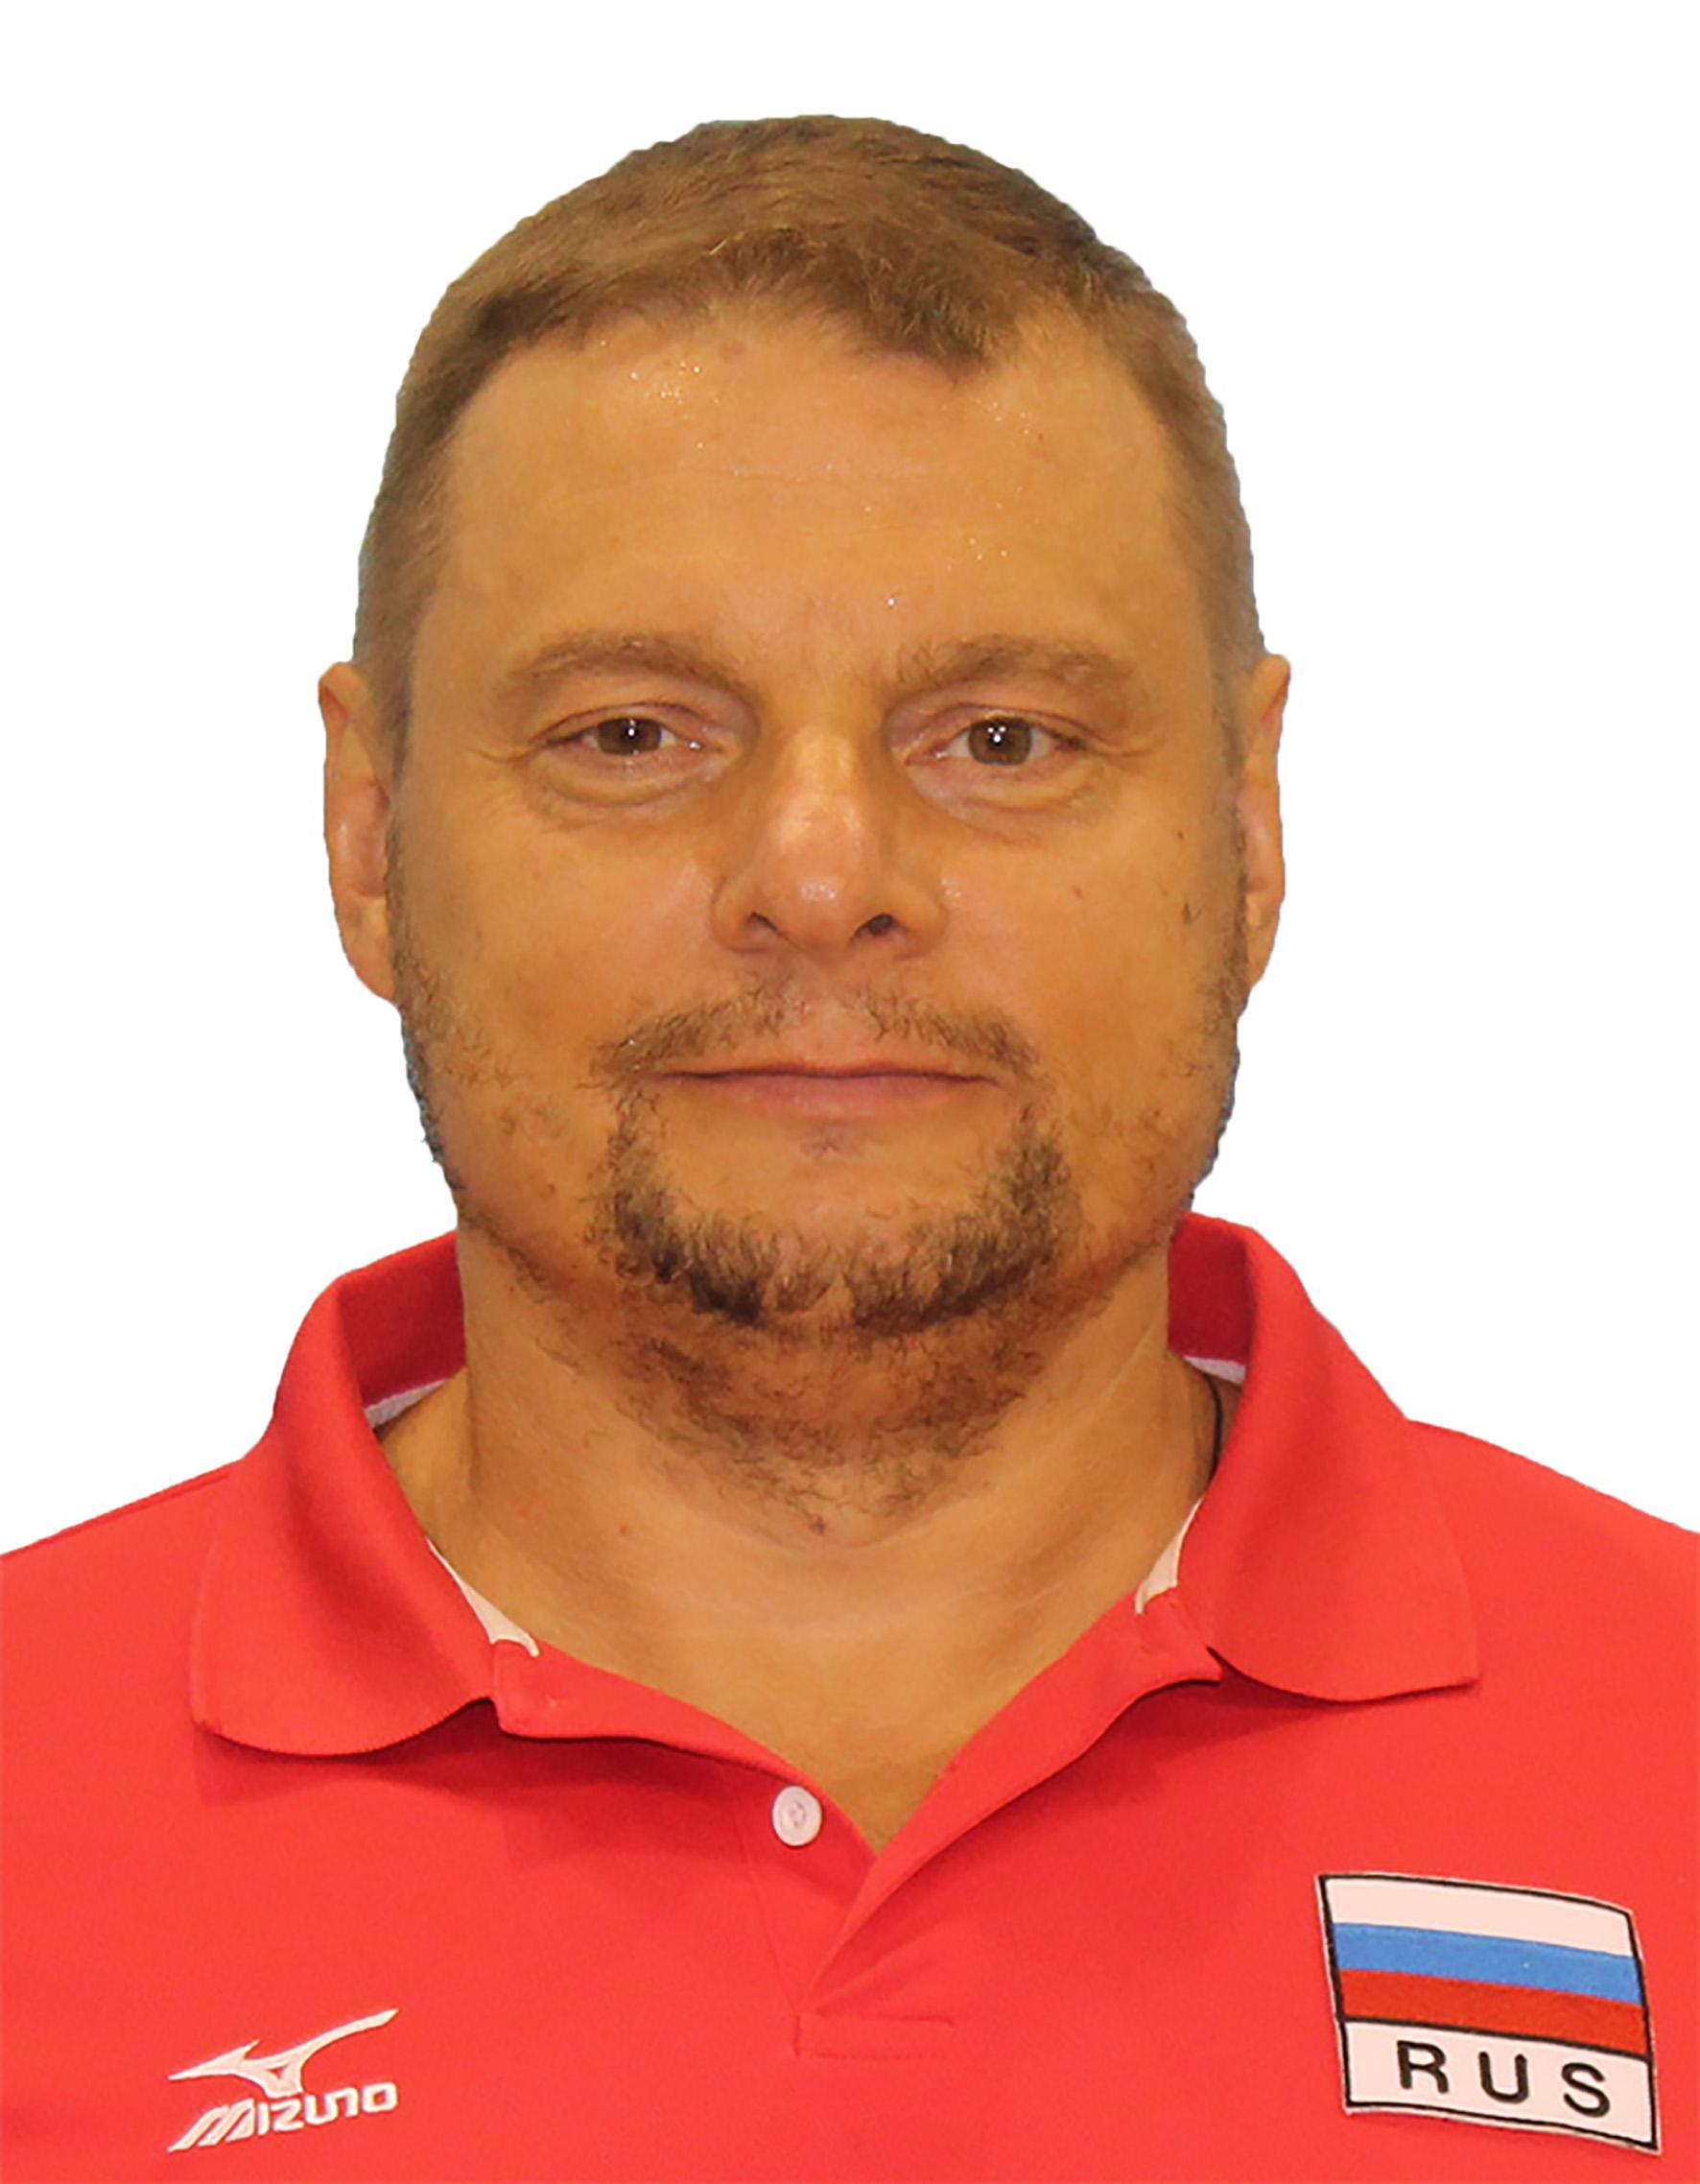 Alekno Vladimir